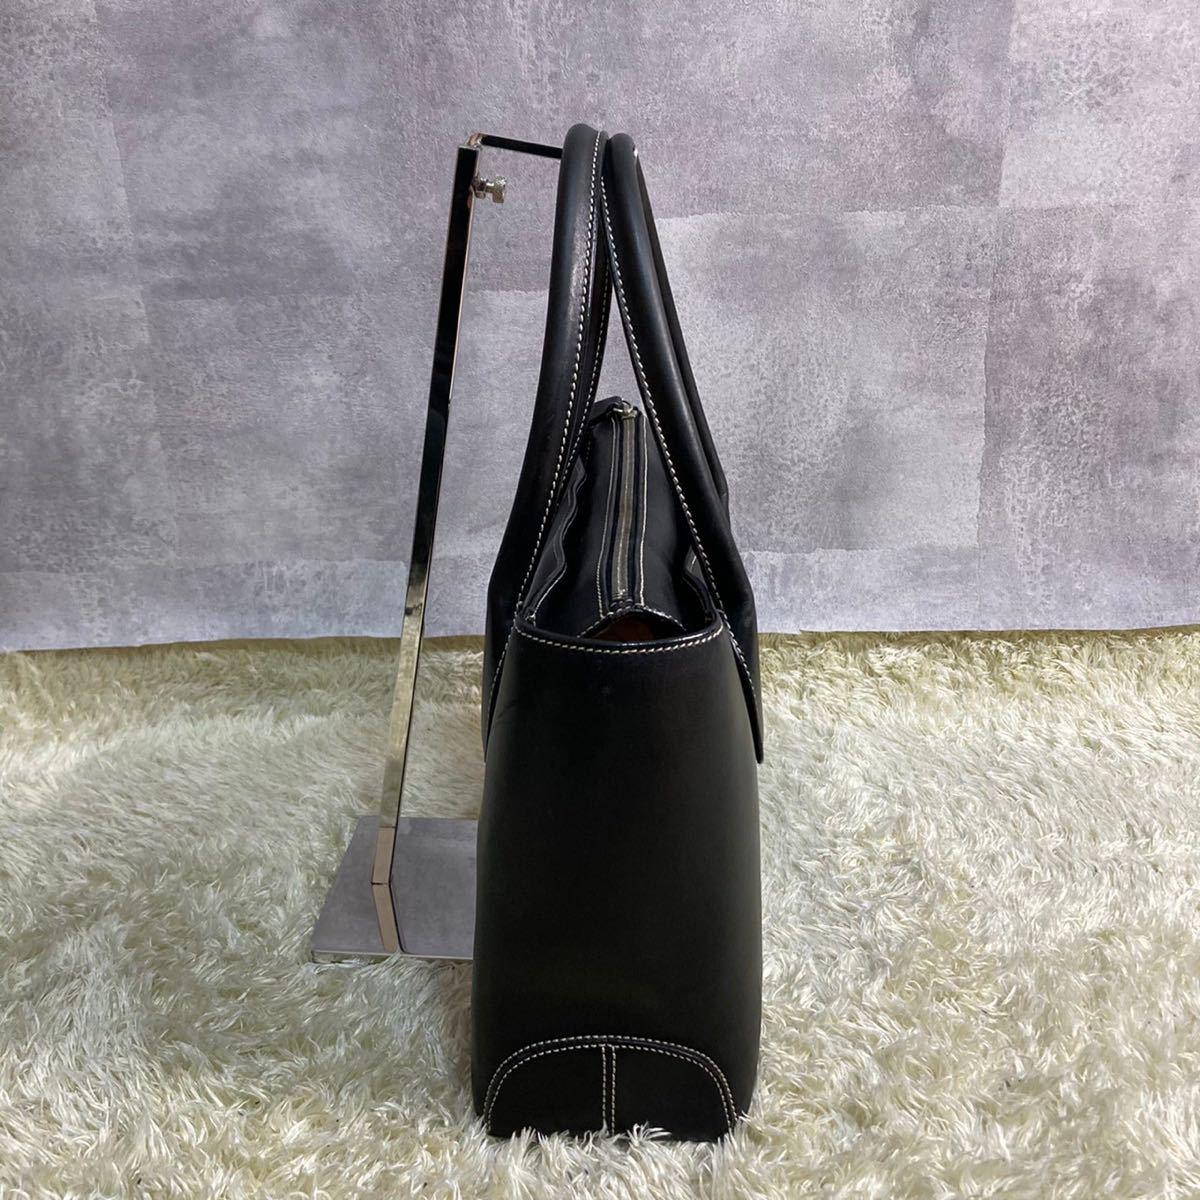 TOD'S トッズ 2way トートバッグ ショルダーバッグ レザー 本革 A4ファイル収納可能 肩掛け ステッチ 黒 ブラック